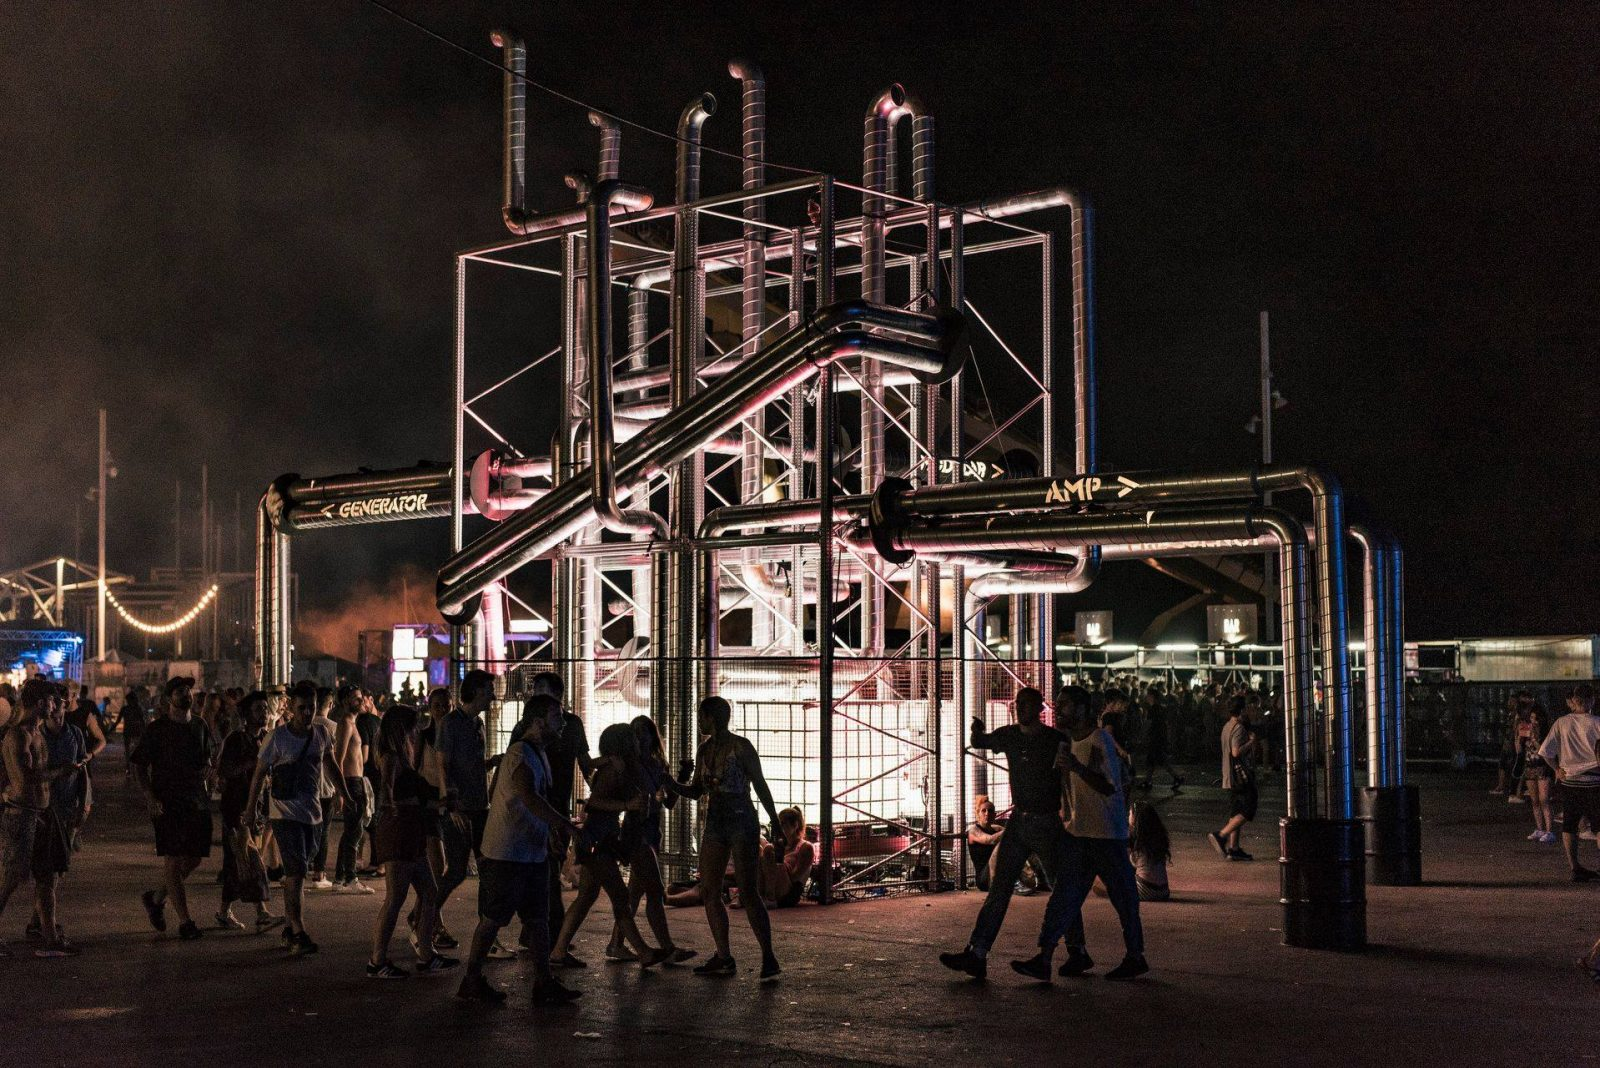 Triomf - Twee 'mainframes' connecten & signen alle stages en werden op een Amsterdam editie voorzien van schermen voor line-up aankondigingen.